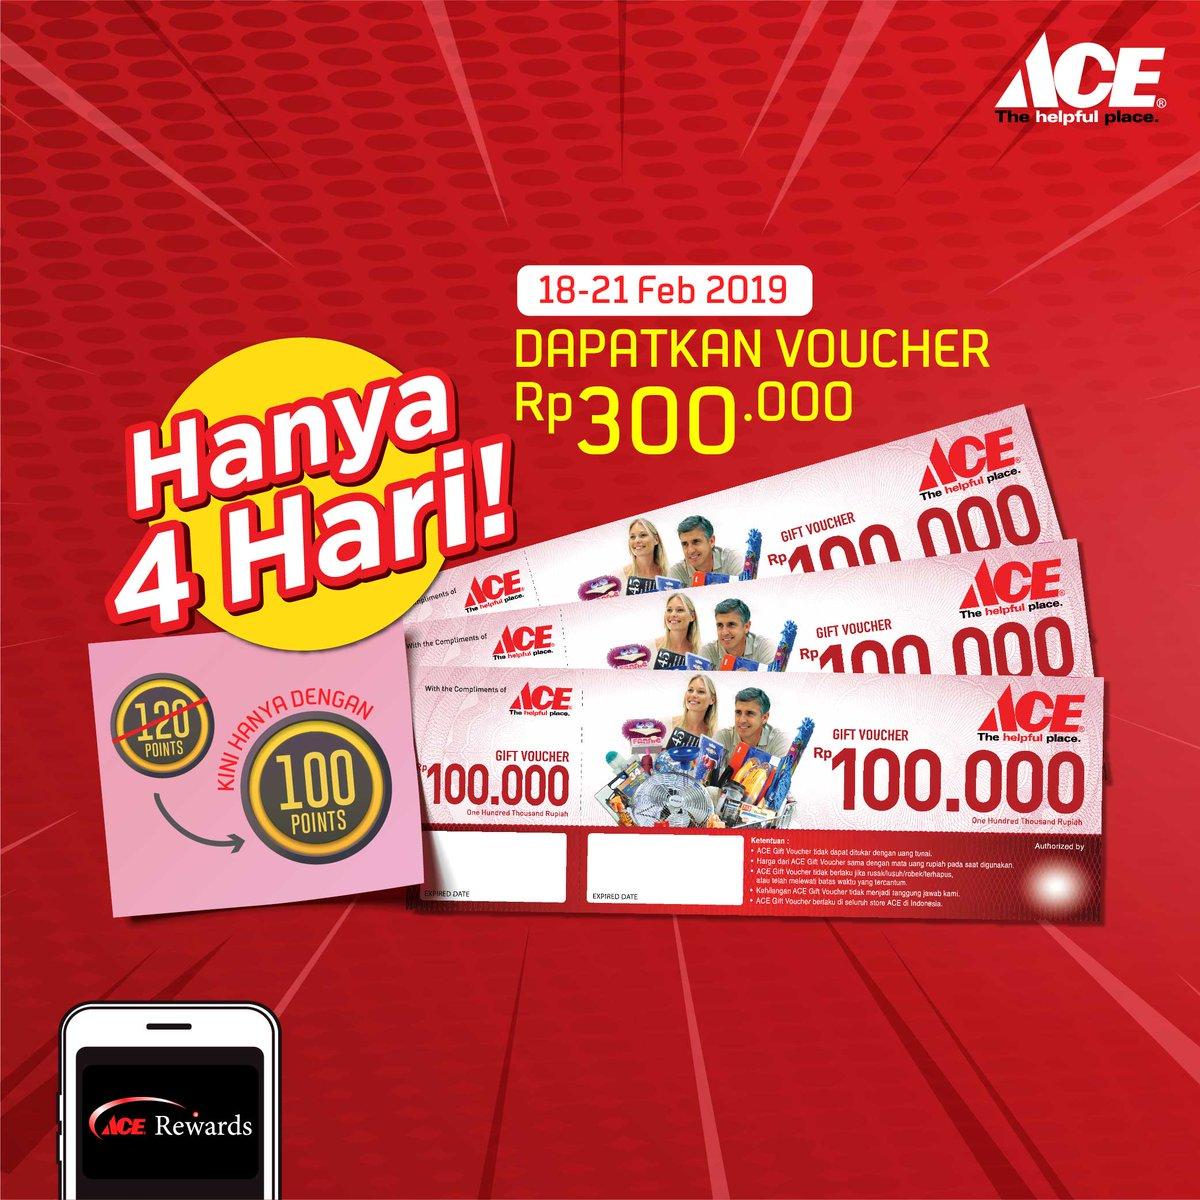 #AceHardware - #Promo Tukar 100 Poin Reward & Dapatkan Voucher 300 K (s.d 21 Feb 2019)